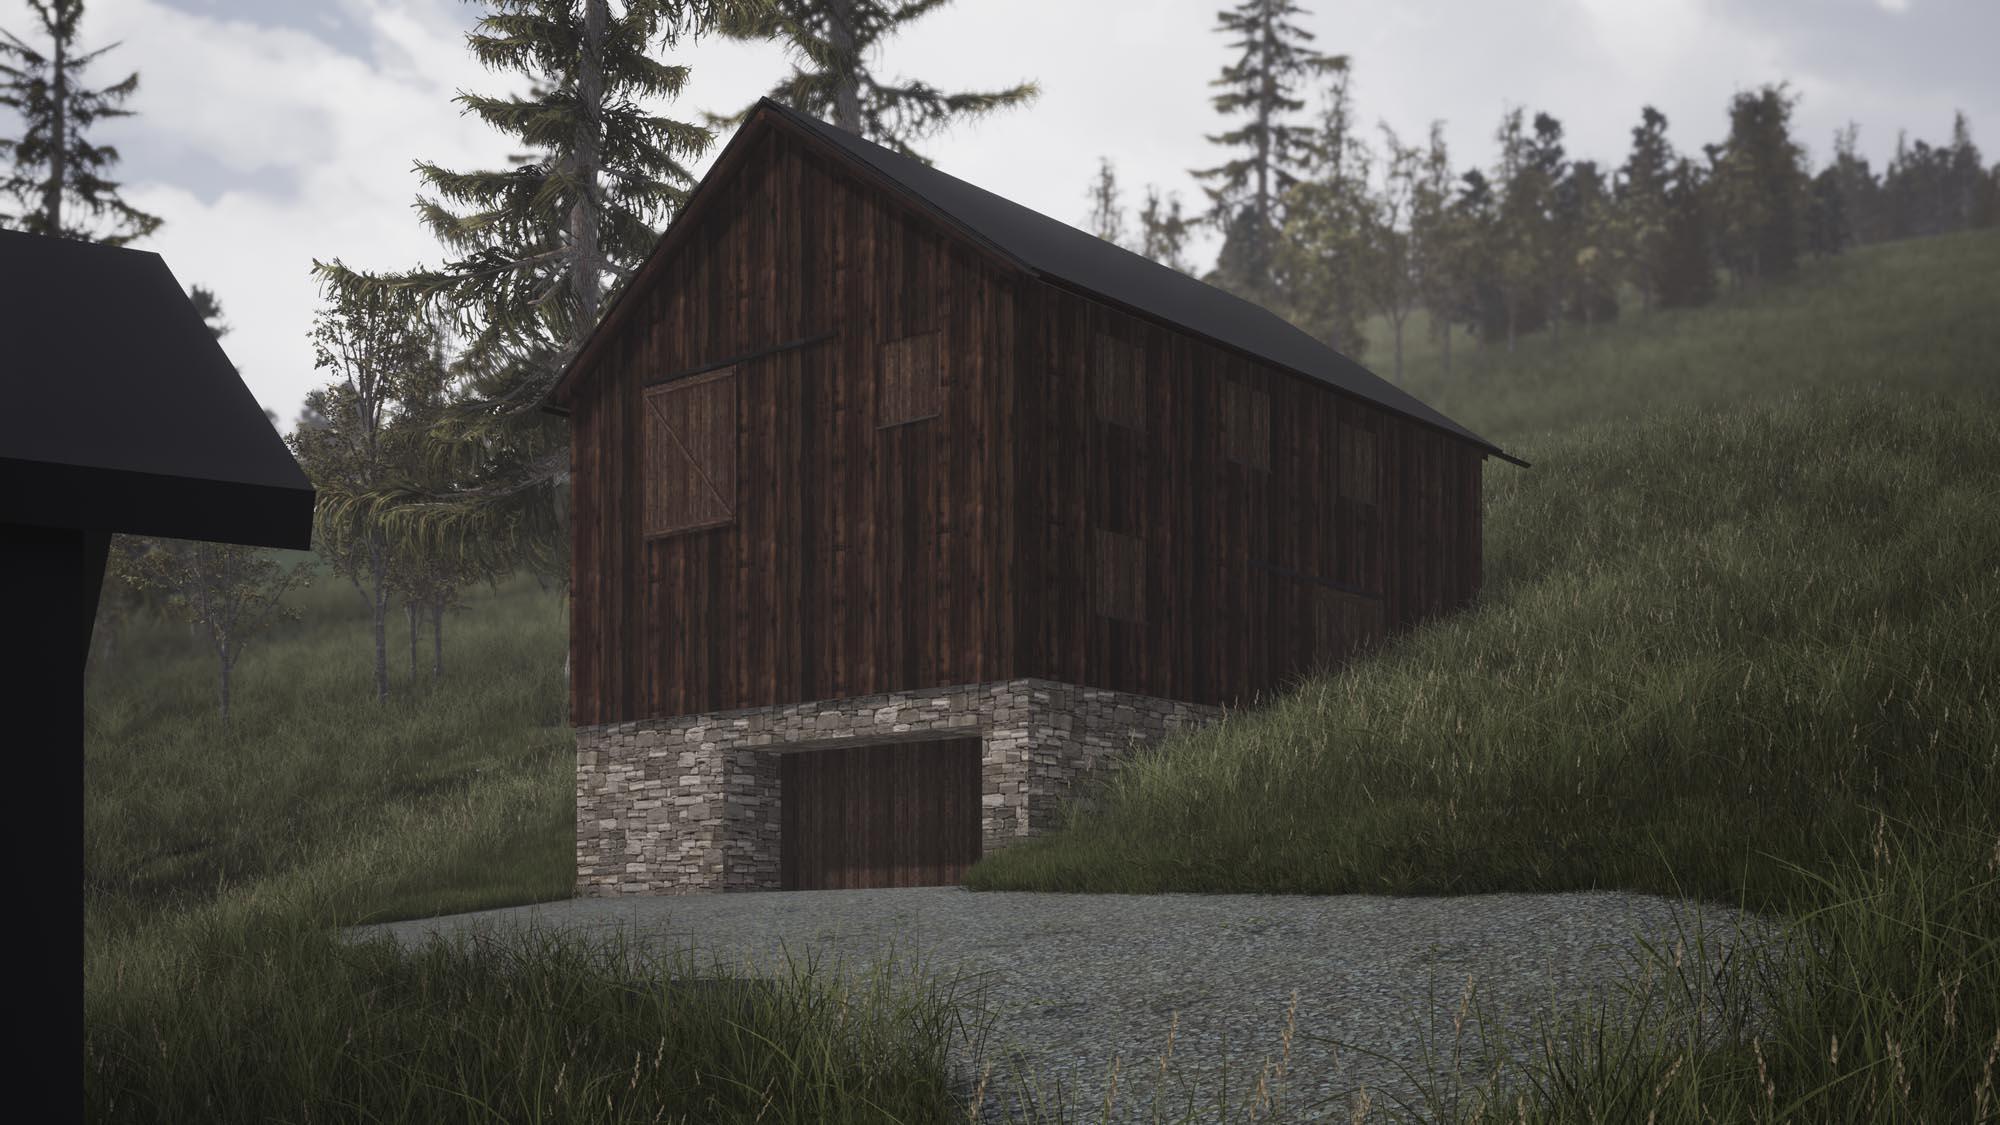 Architektur_Innenarchitektur_Vorarlberg_Alberschwende_Holzbau_Ferienhaus_Design2